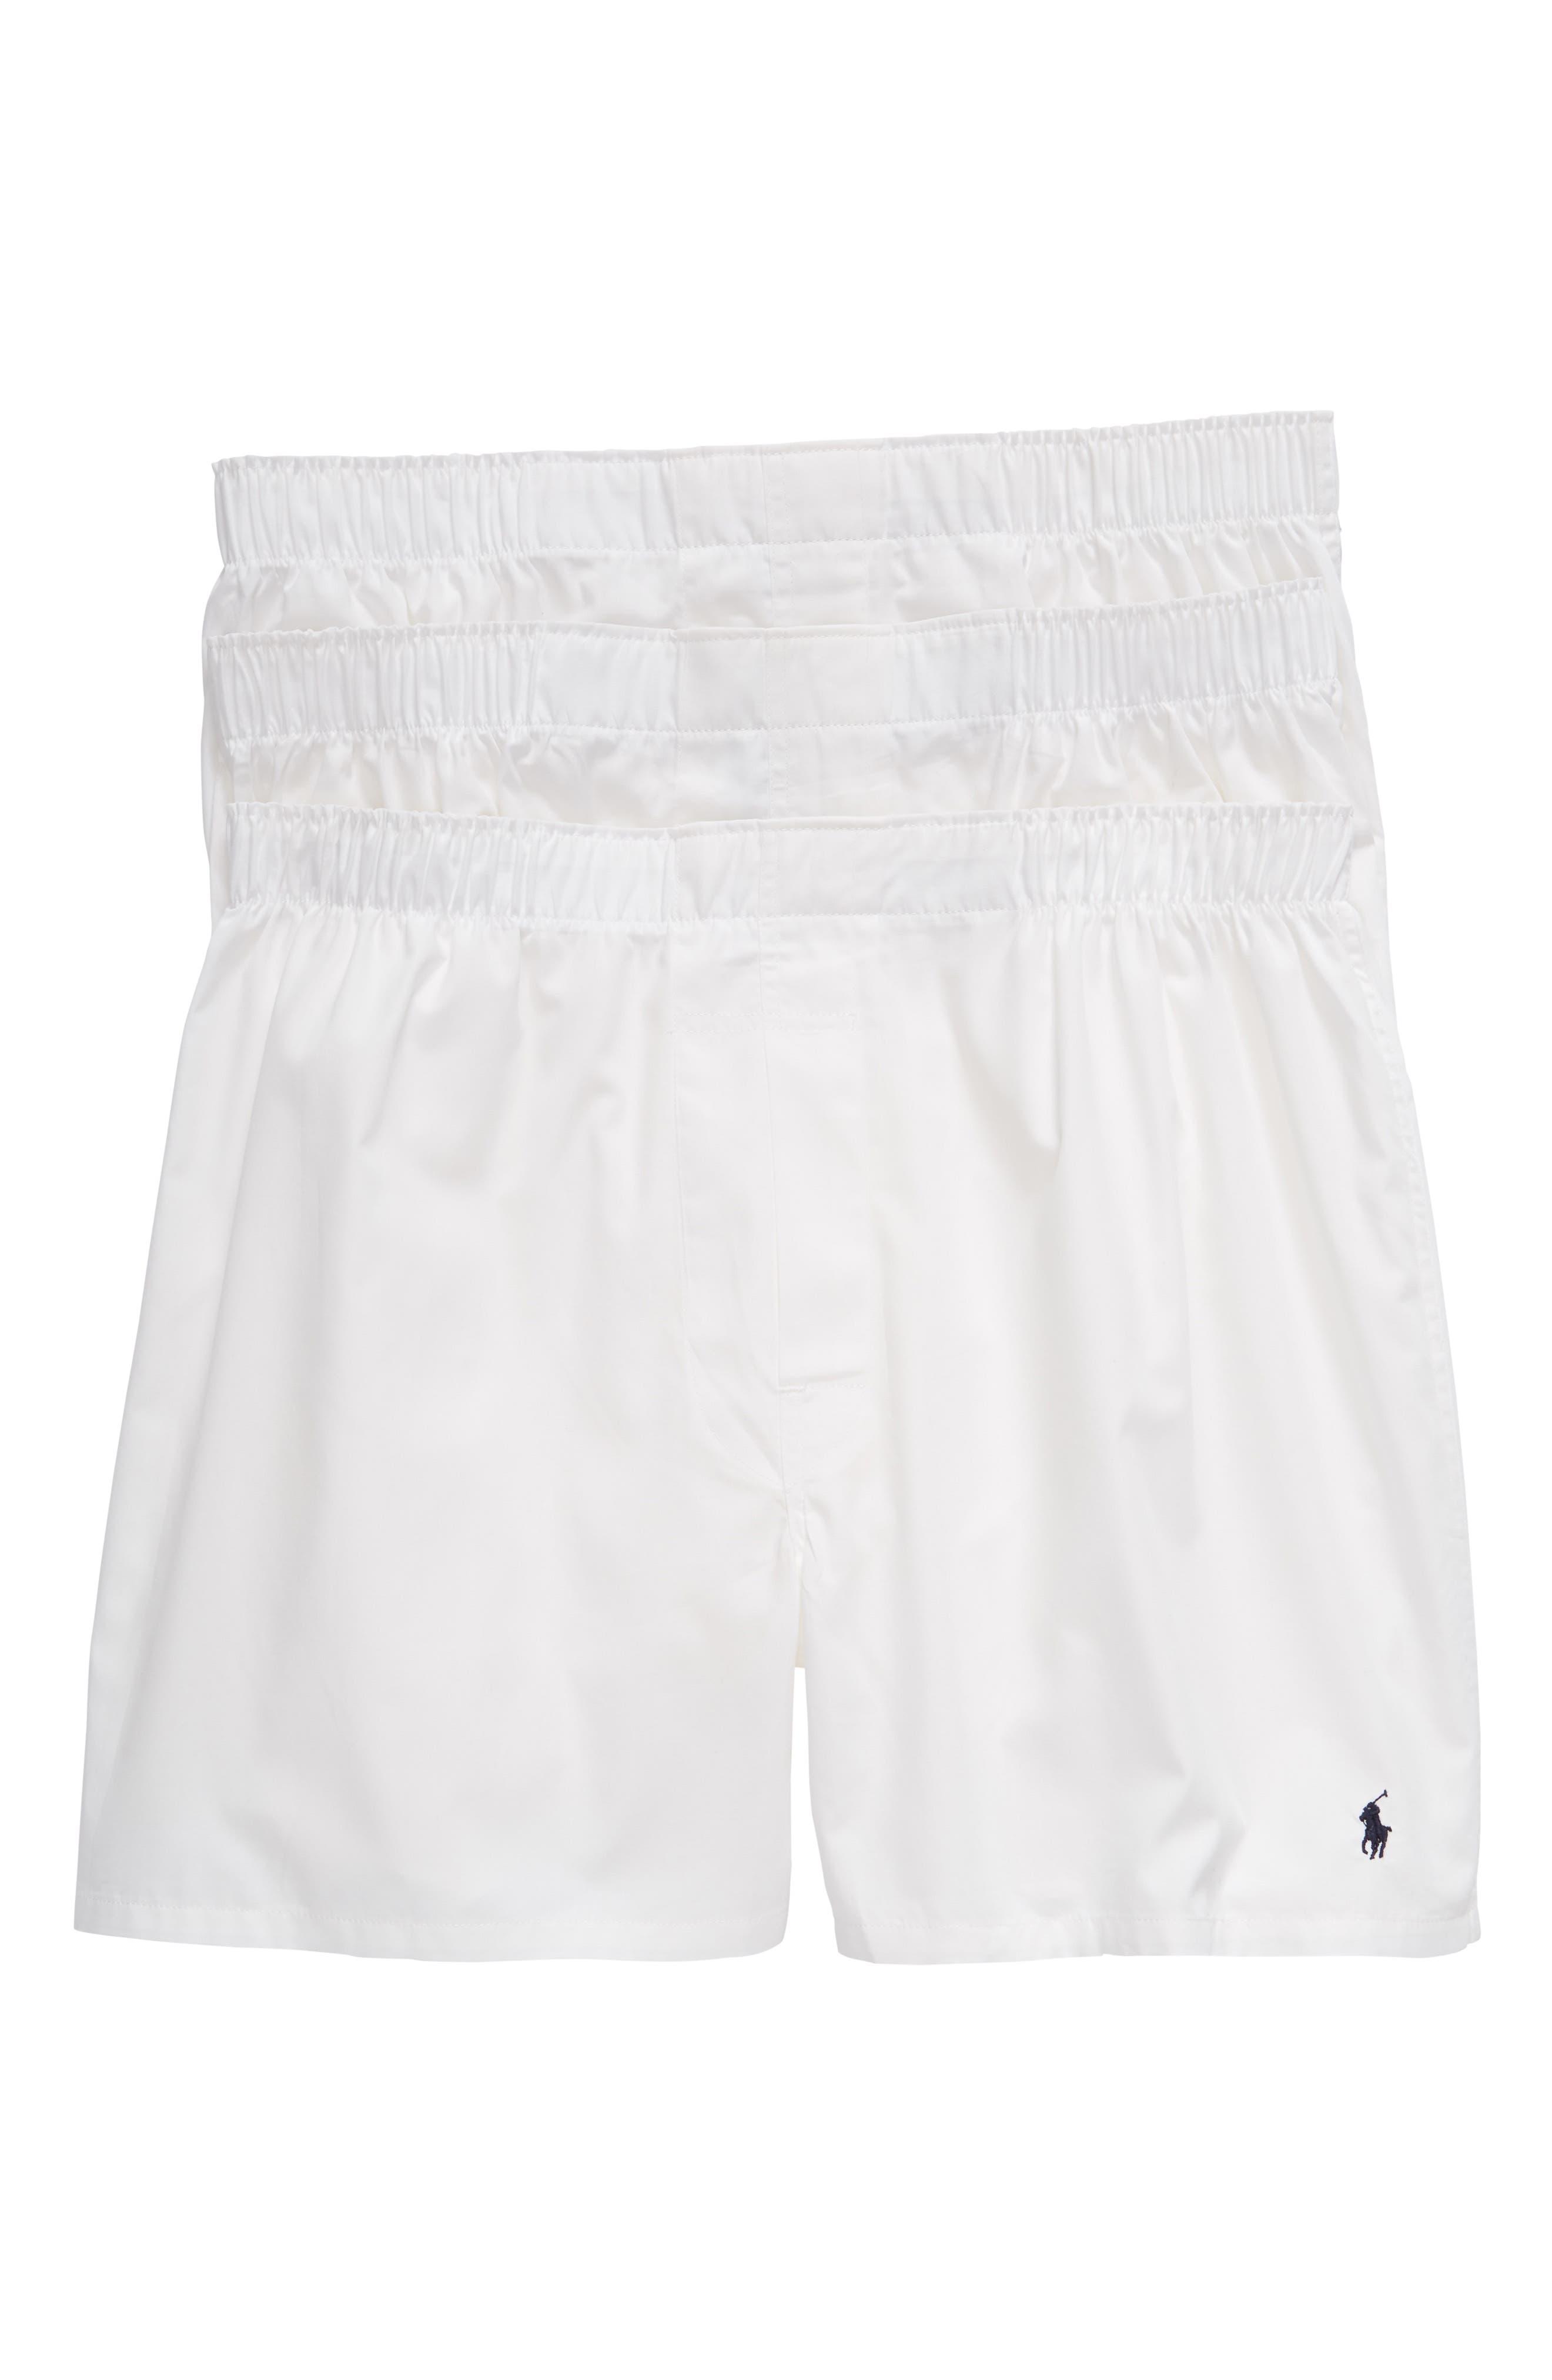 Polo Ralph Lauren 3-Pack Cotton Boxers